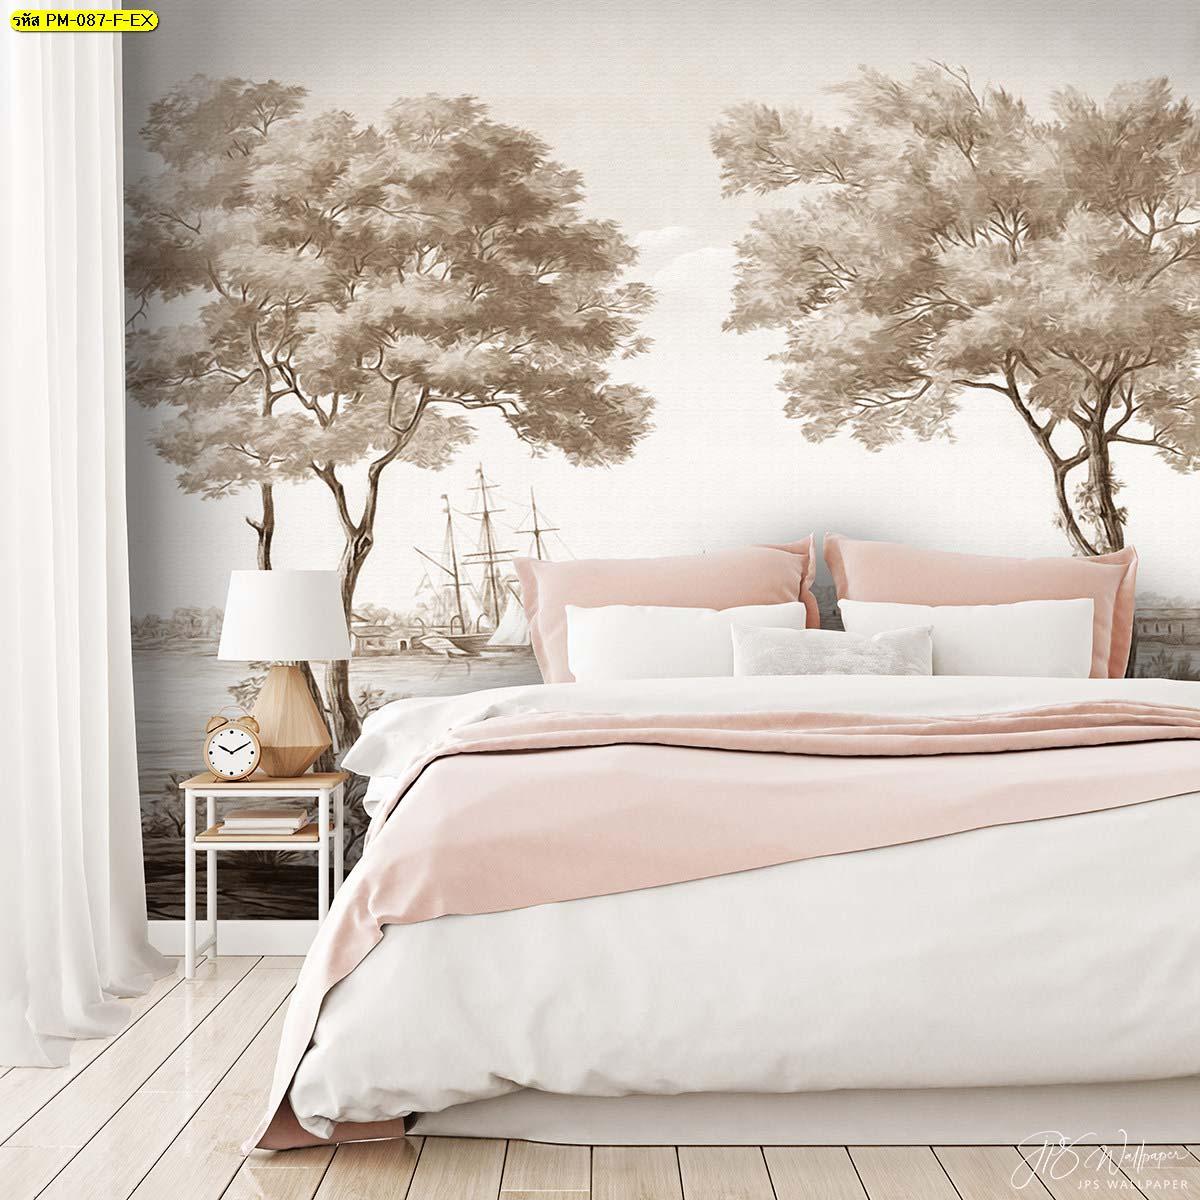 ไอเดียห้องนอนสีชมพู สั่งทำวอลเปเปอร์หลายไม่เหมือนใคร การตกแต่งห้องนอนด้วยวอลเปเปอร์